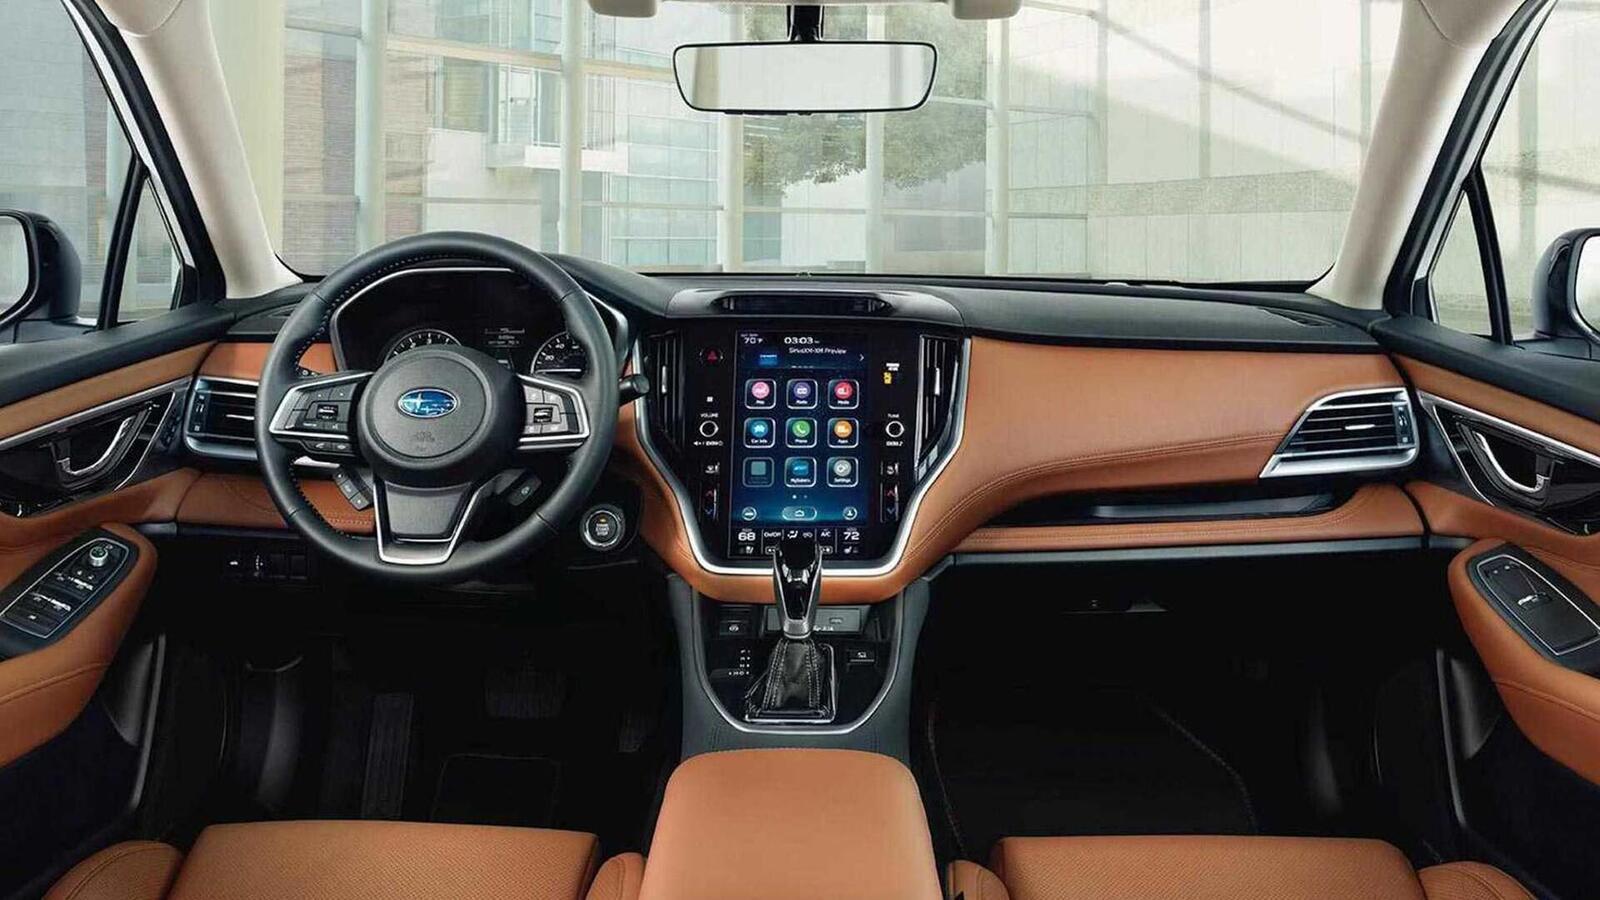 Subaru Legacy thế hệ mới ra mắt; đổi mới thiết kế; có thêm động cơ 2.5L tăng áp - Hình 6